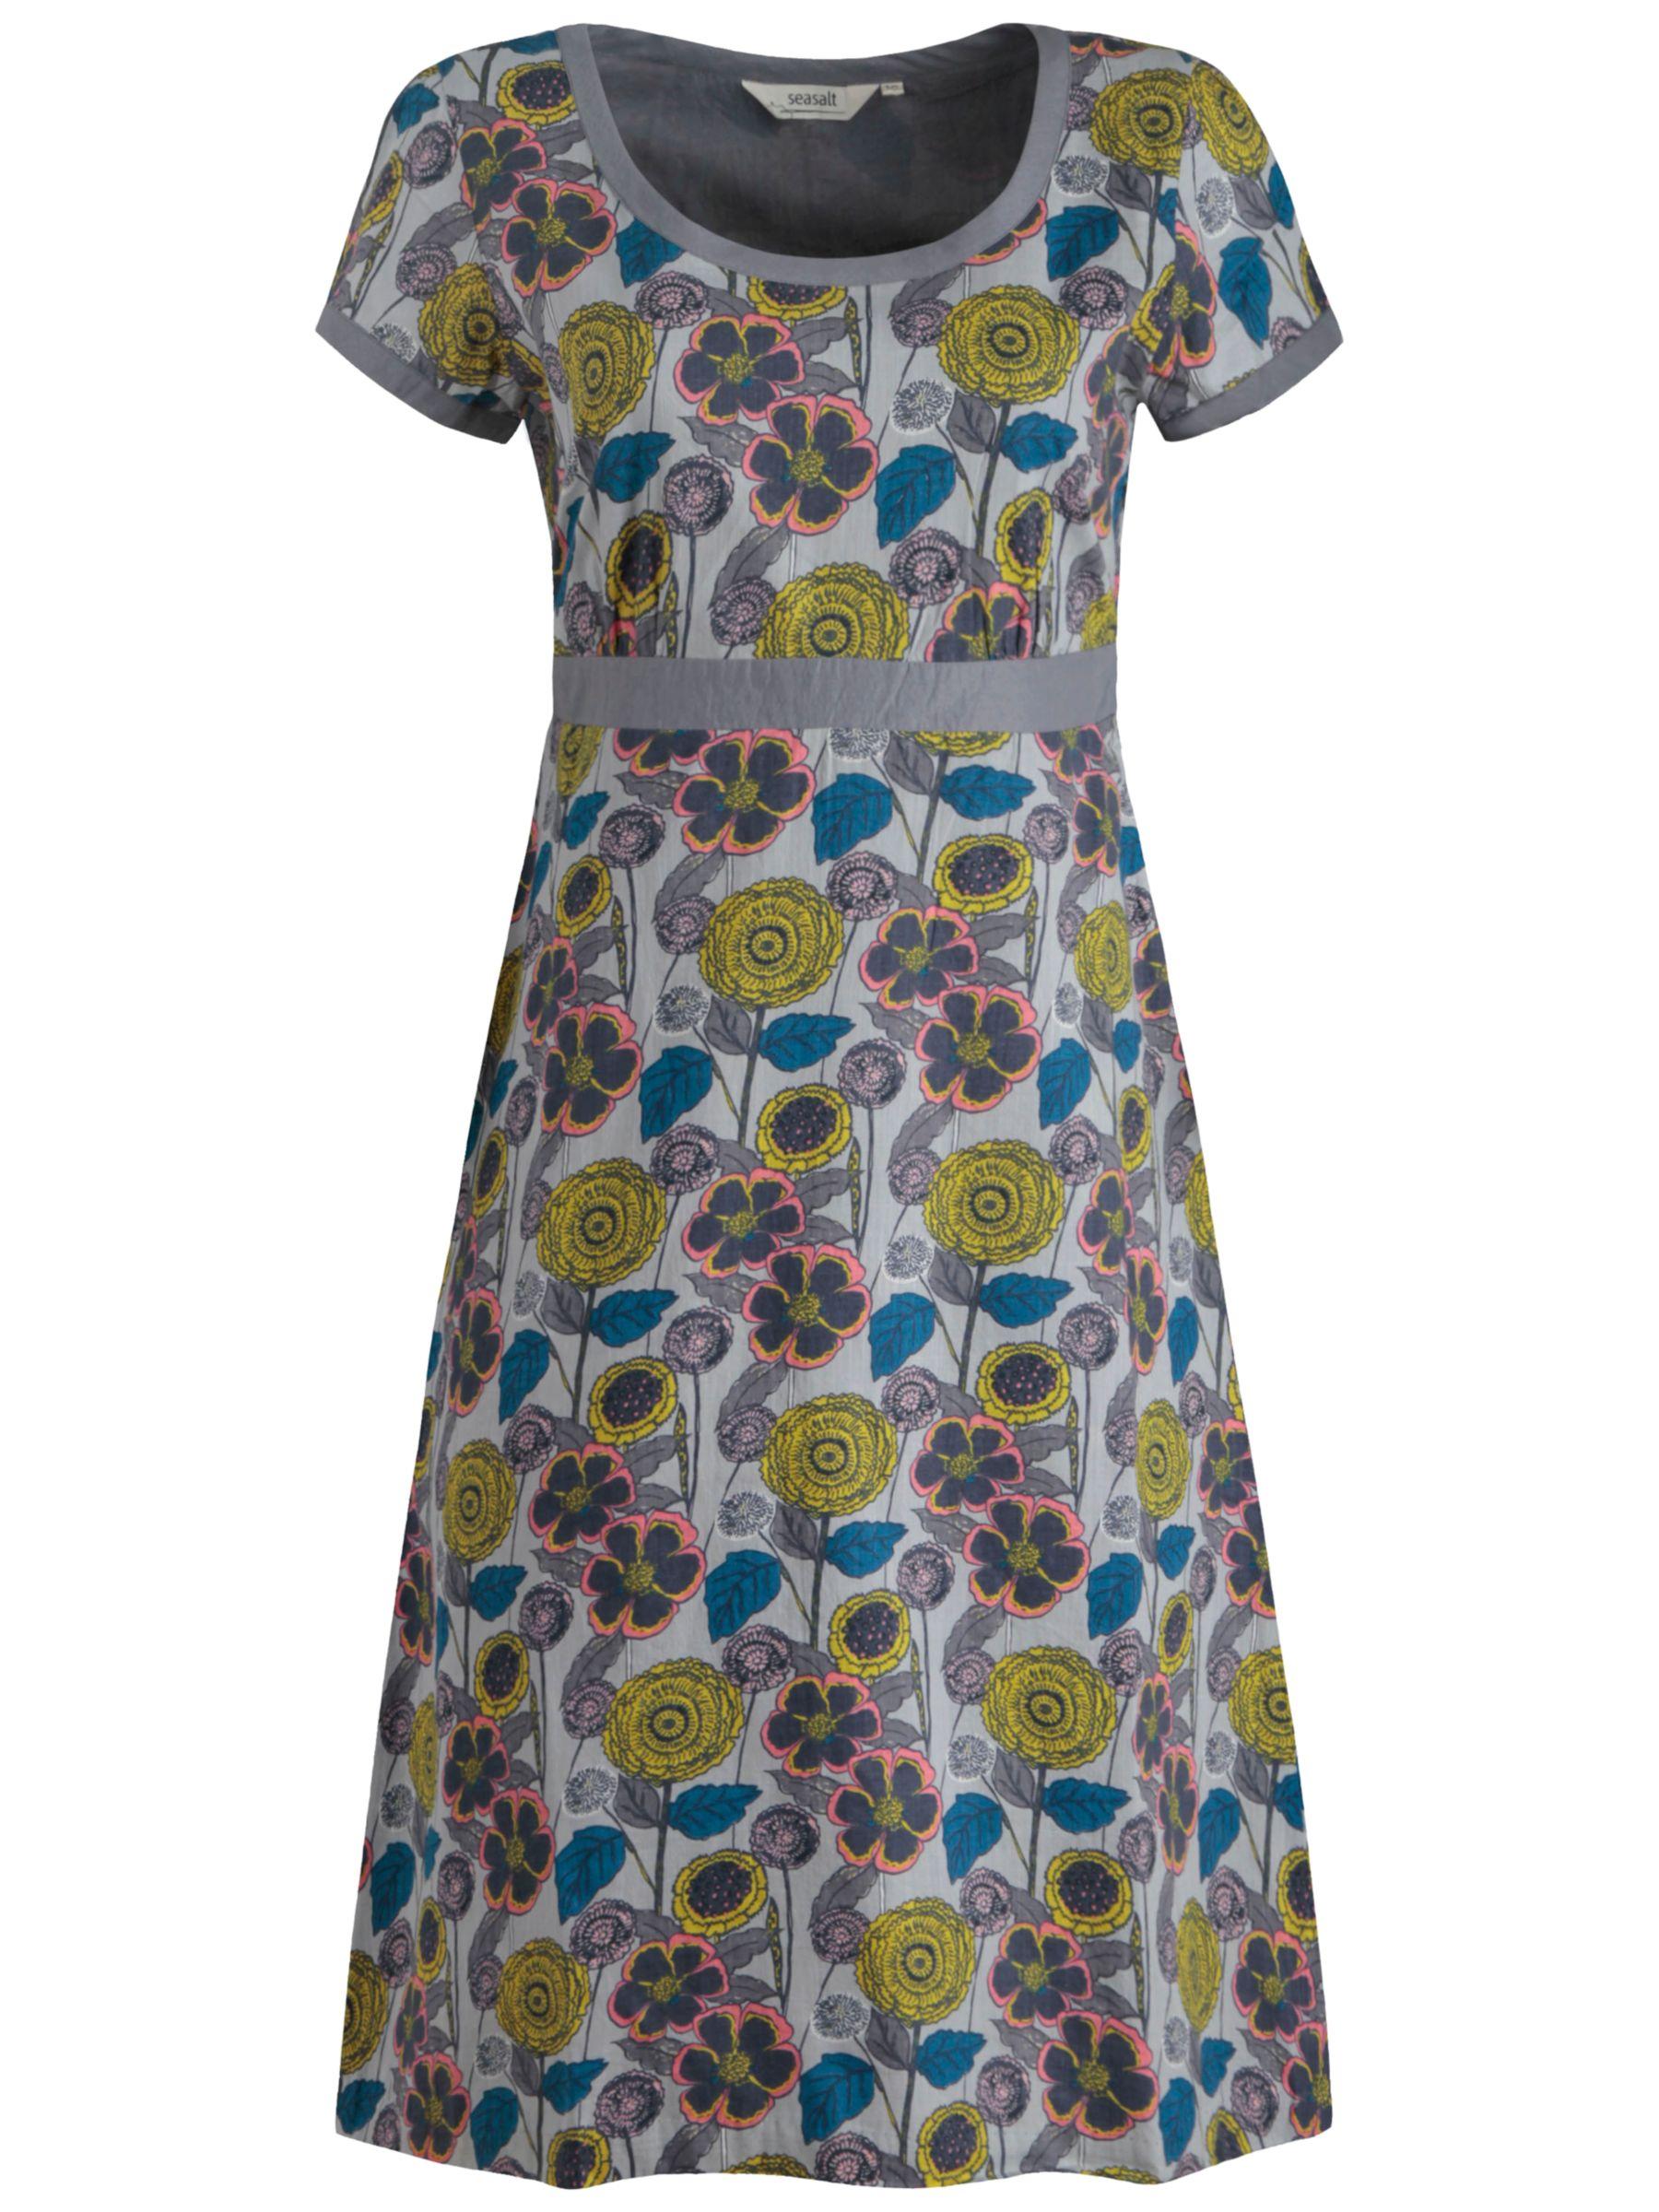 seasalt morvoren dress garden of eden pumice, seasalt, morvoren, dress, garden, eden, pumice, 8|16|10|12|14, women, womens dresses, new in clothing, 1945210